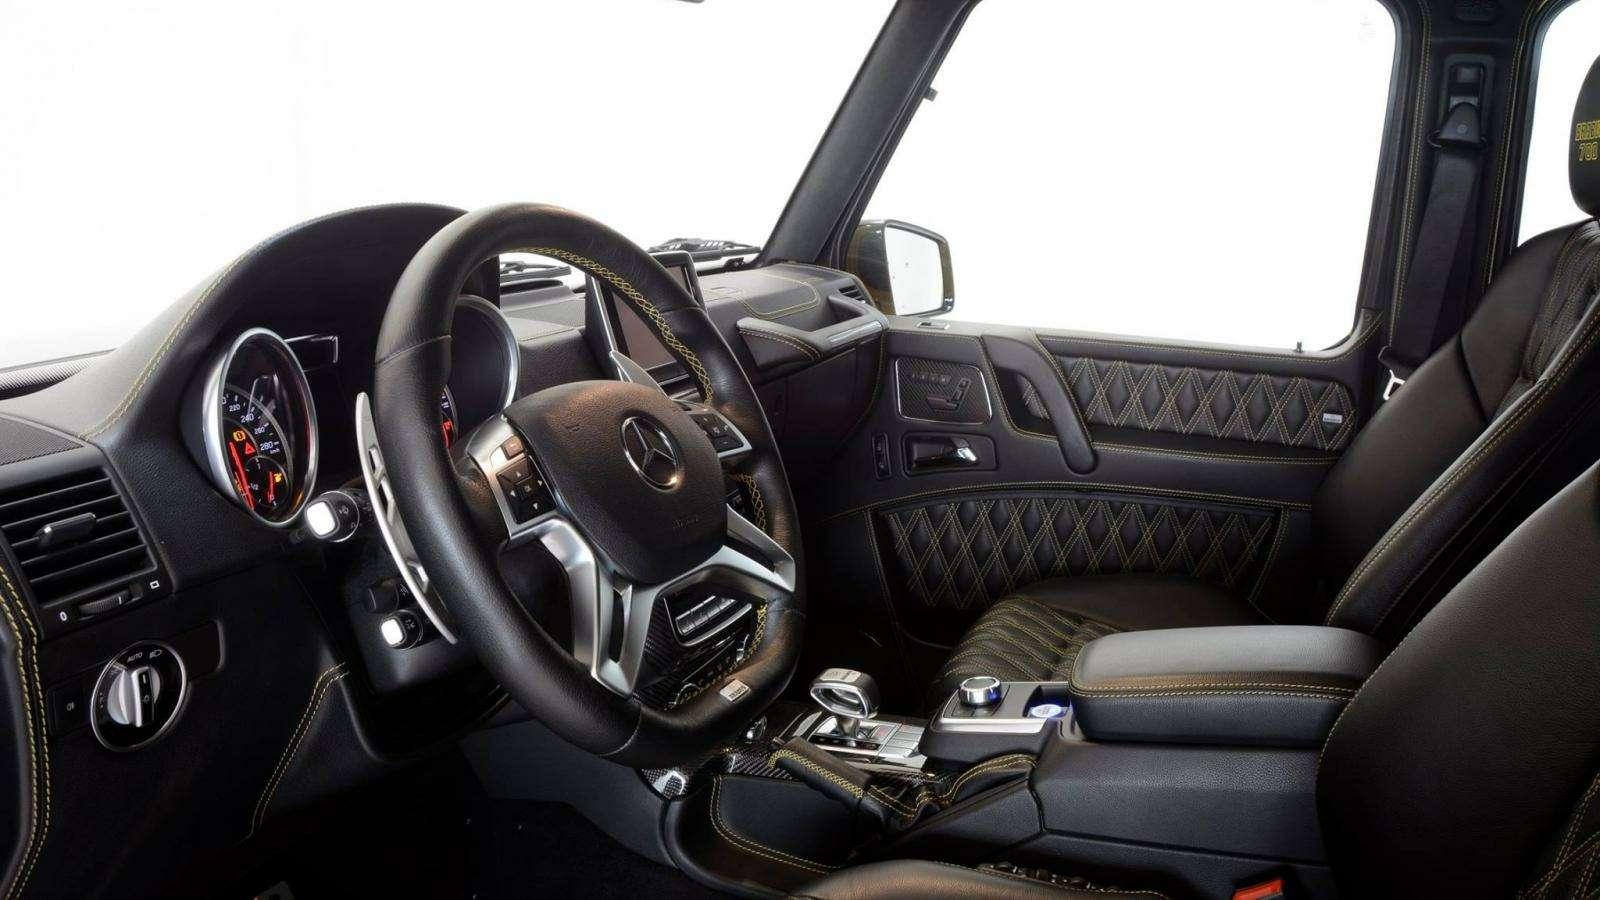 Brabus-такси: желтый Mercedes-AMG G63 готов «бомбить» поавтобанам— фото 577302